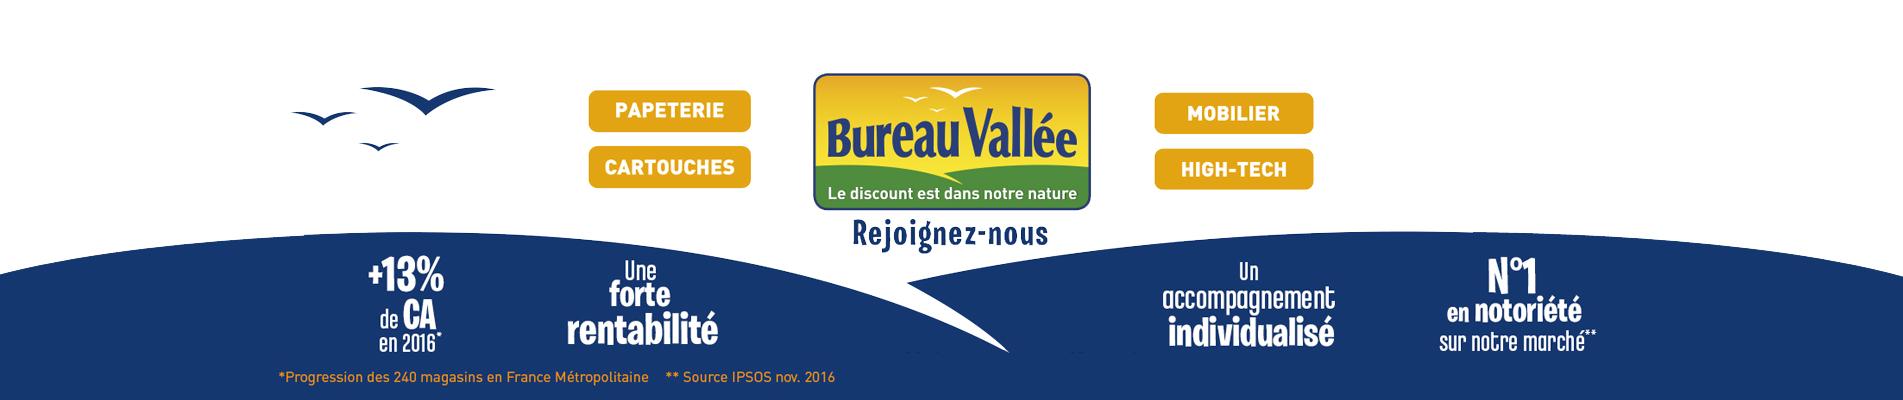 franchisé Bureau Vallée